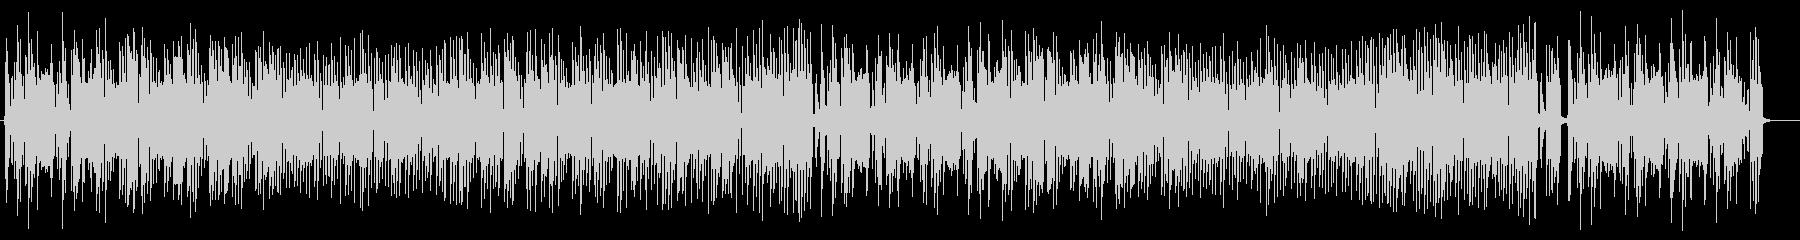 ほのぼのとしたミディアムテンポのポップスの未再生の波形